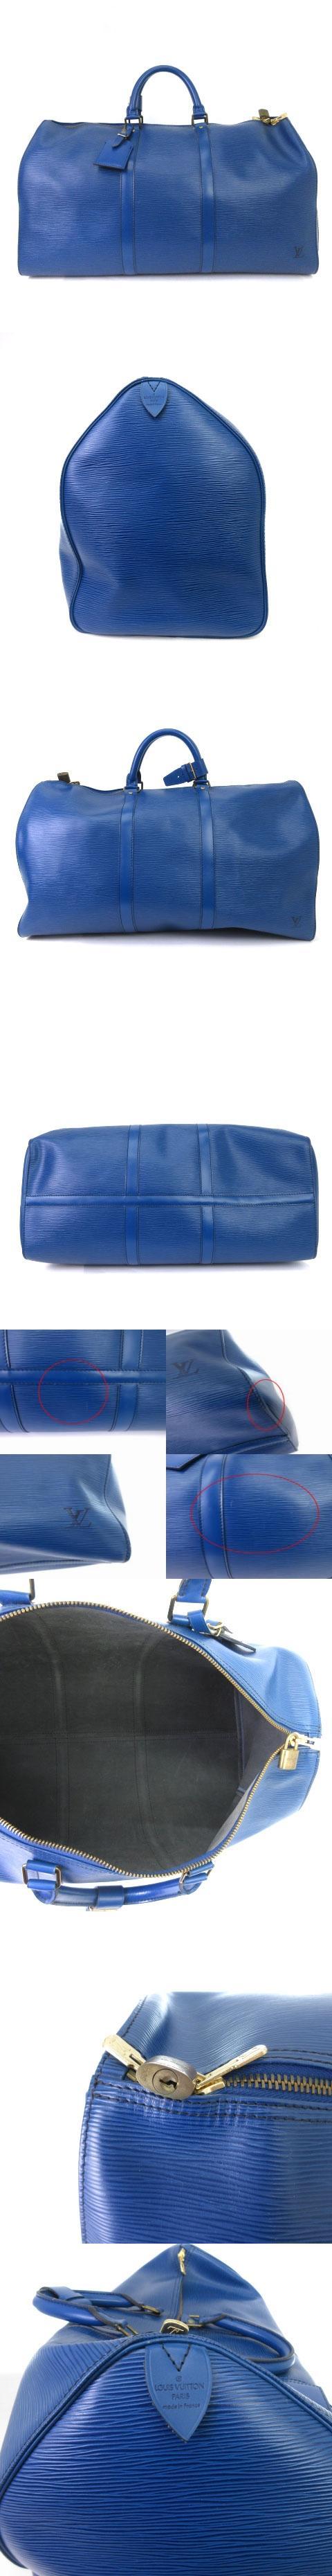 エピ  キーポル50 ボストンバッグ ハンドバッグ ロゴ レザー M42965 青 ブルー 旅行鞄